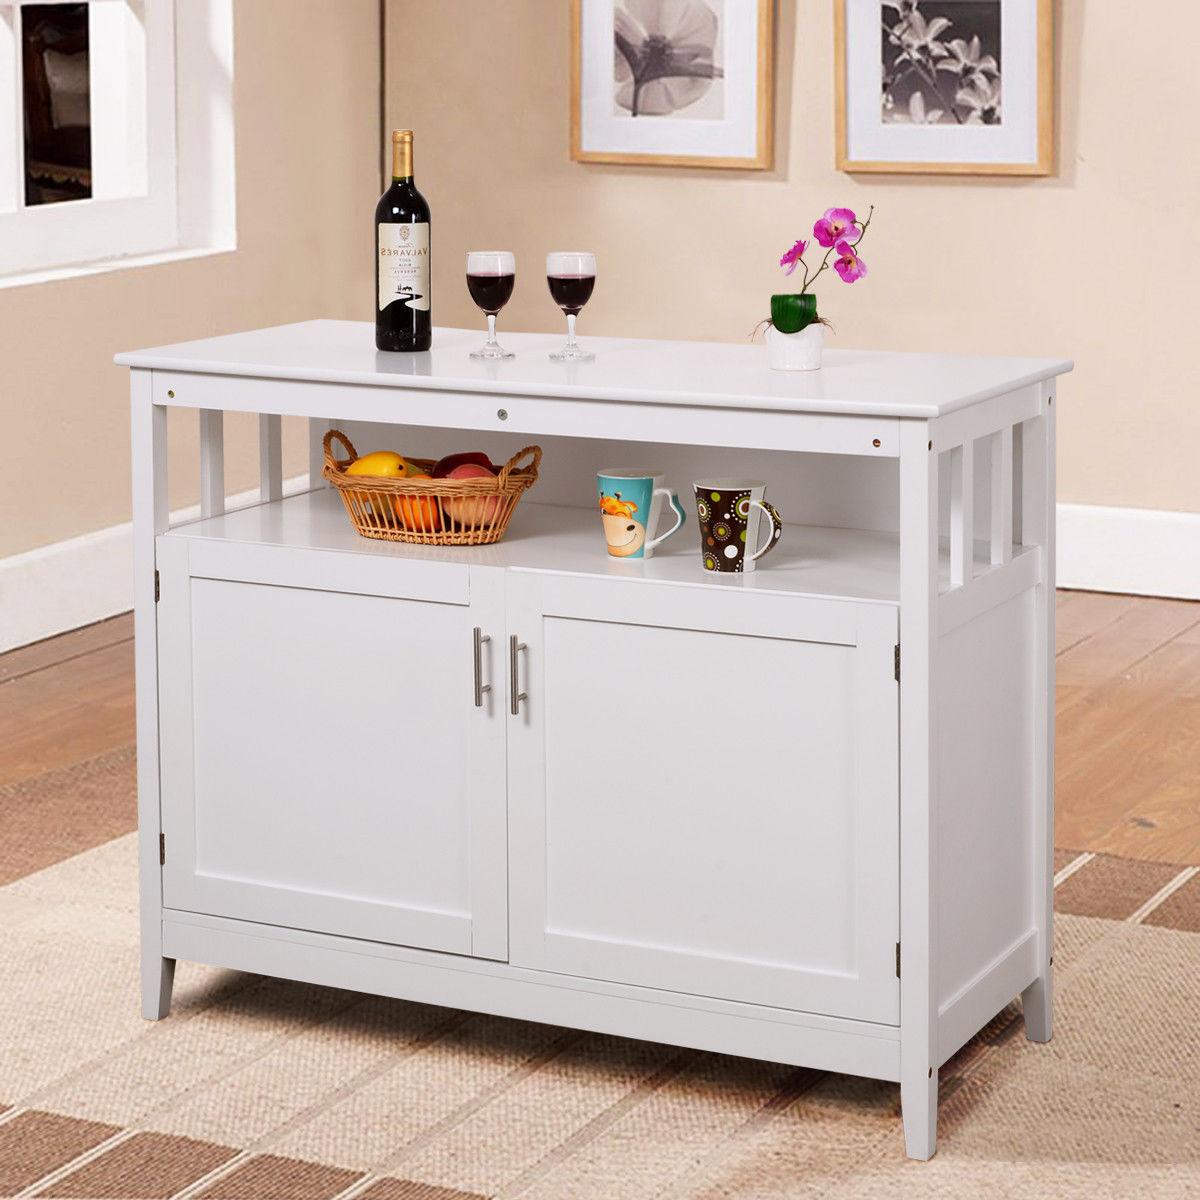 GHP White MDF & Pine Wood Modern Space-Saving Kitchen Storage